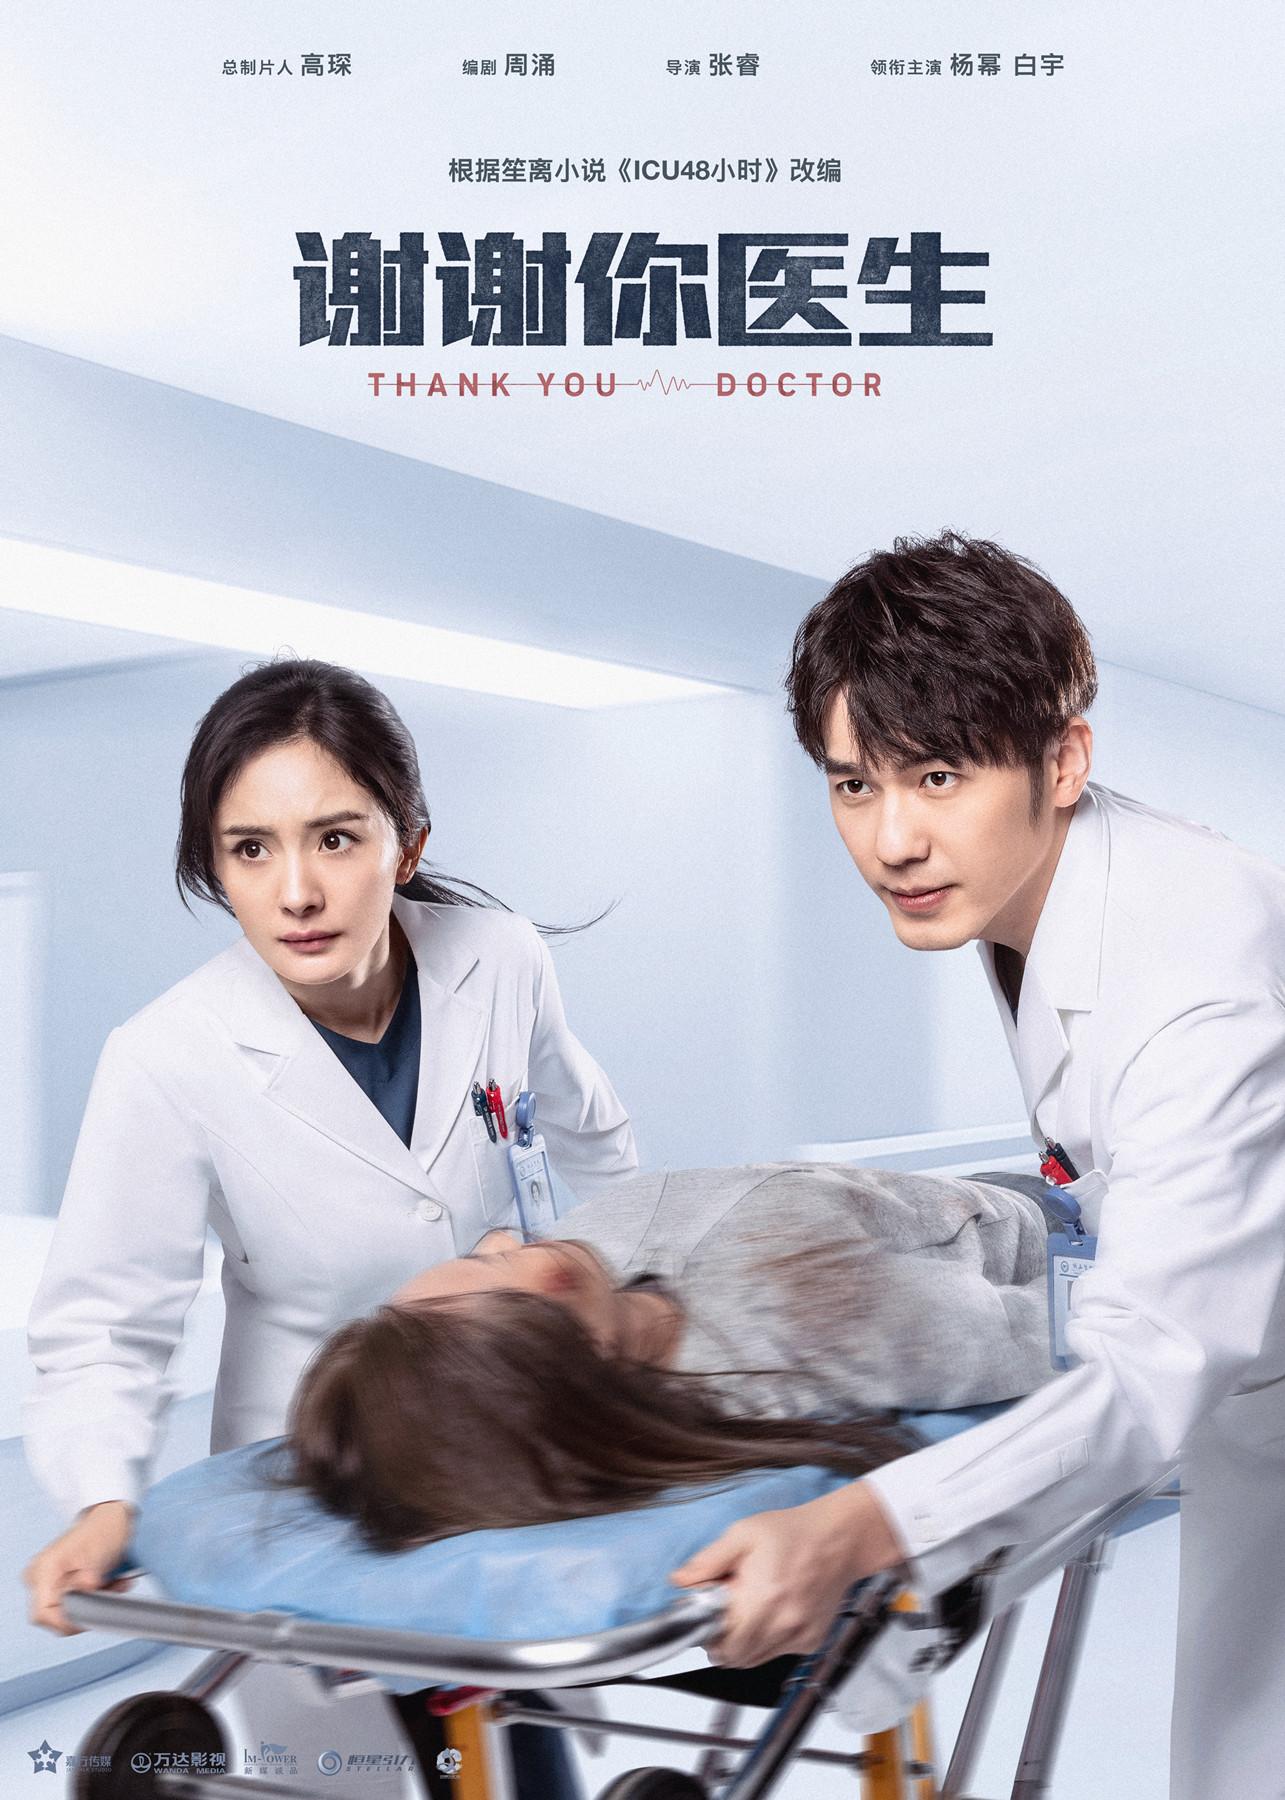 《谢谢你医生》发布人物海报 杨幂白宇上演生死竞速